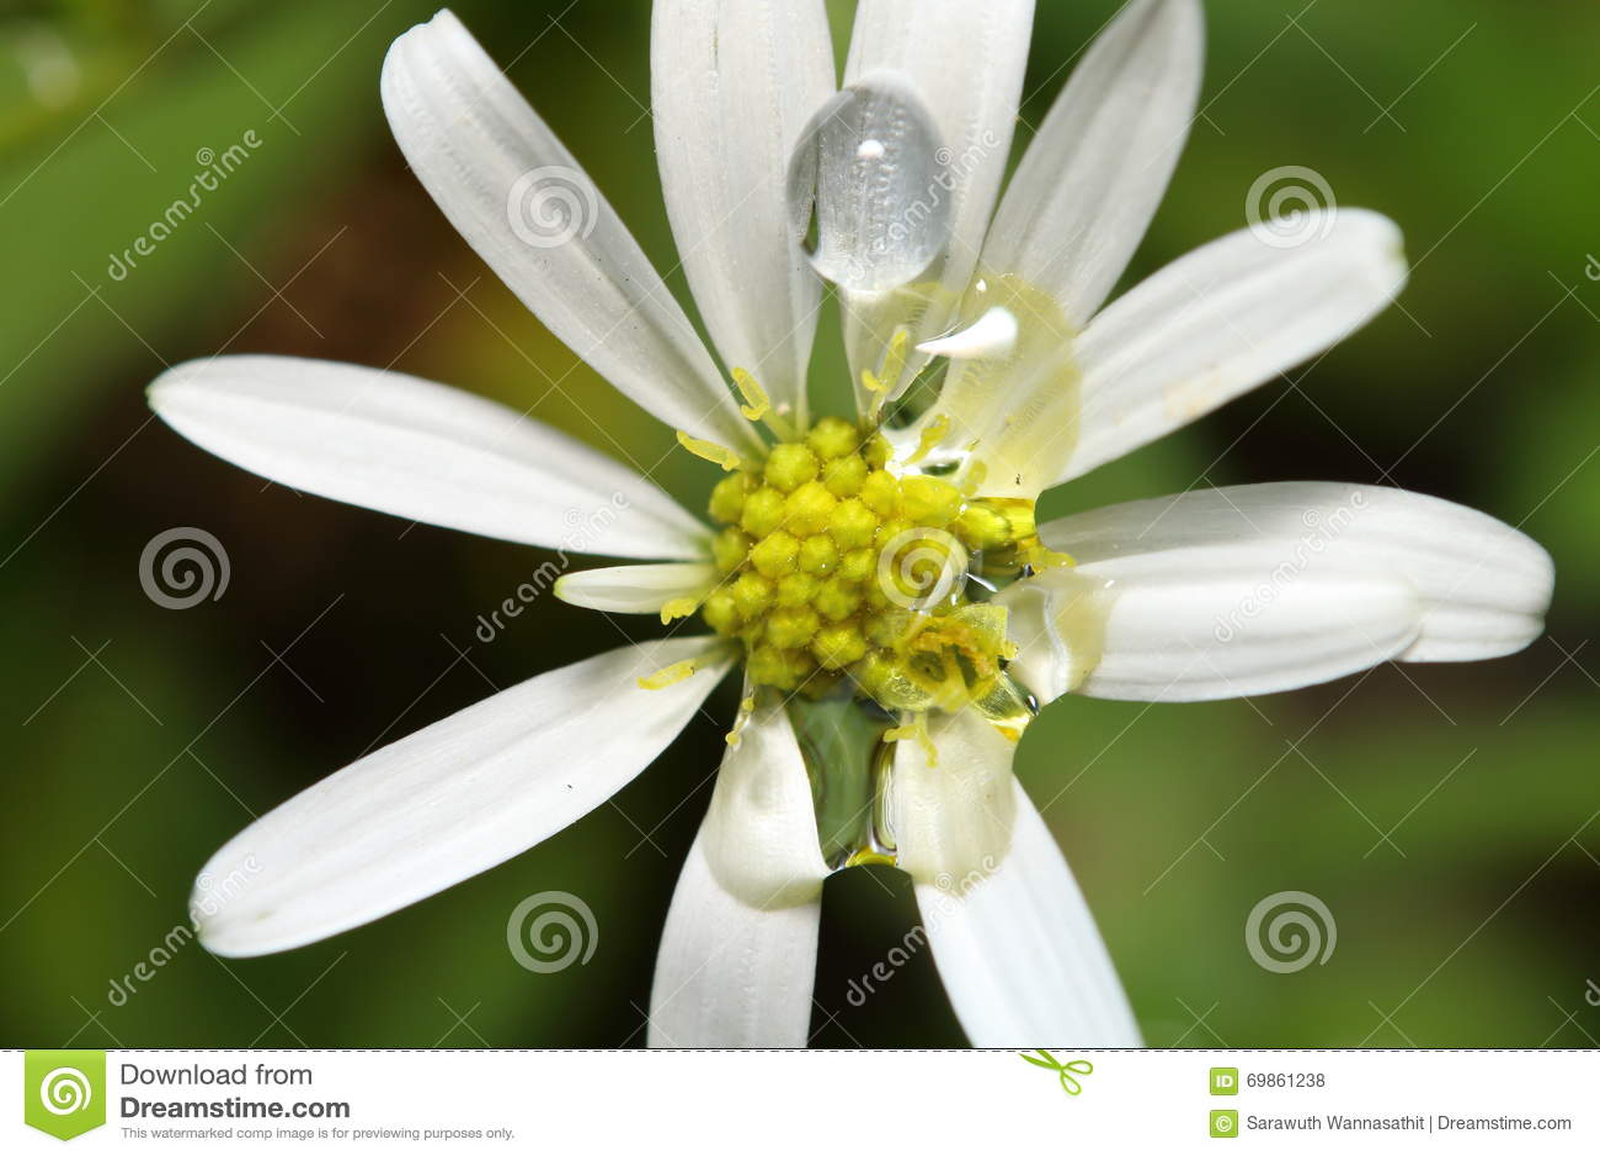 flores jardim de verao:Flor Pequena No Jardim Foto de Stock – Imagem: 69861238